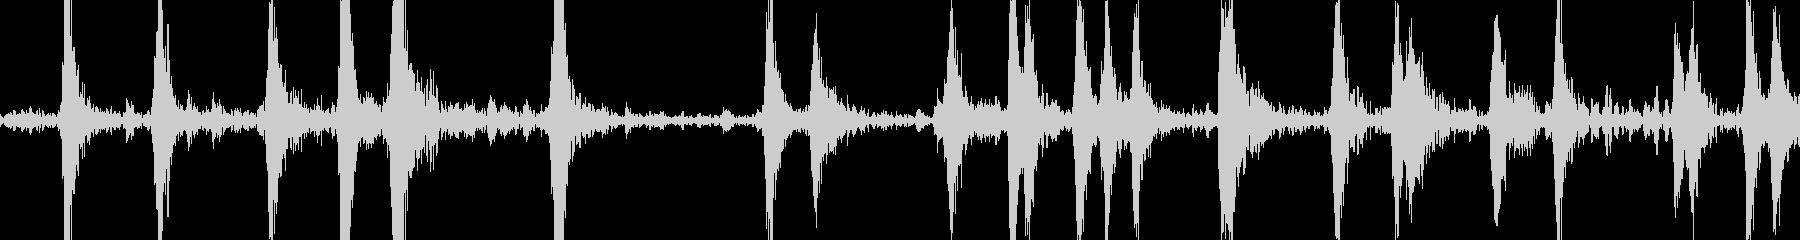 ハーバードプレーンエンジンの咳の開始の未再生の波形